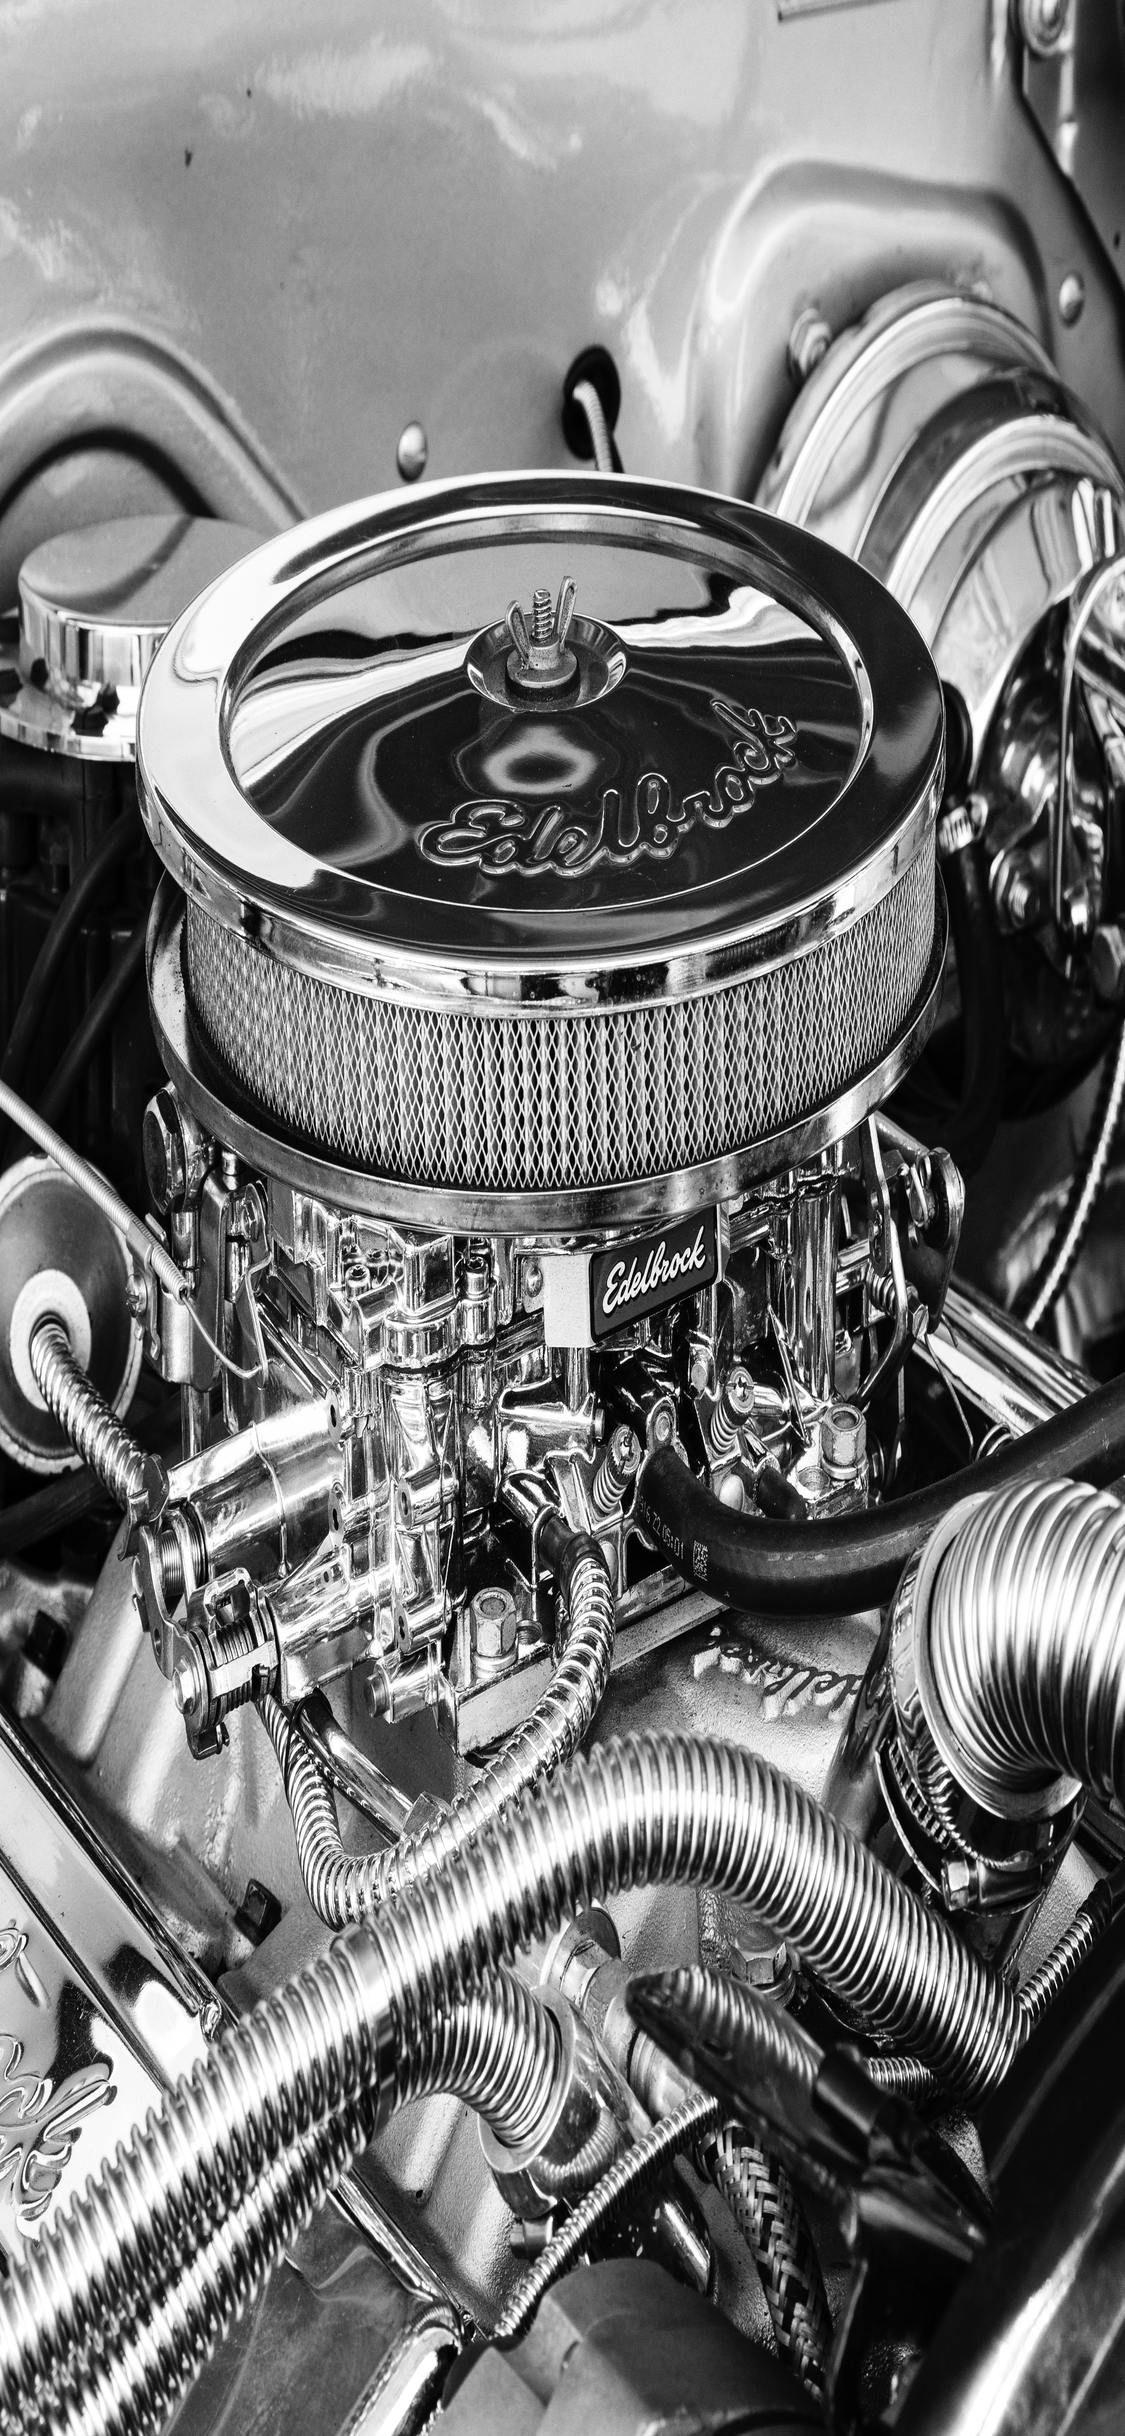 Wallpaper Engine Full